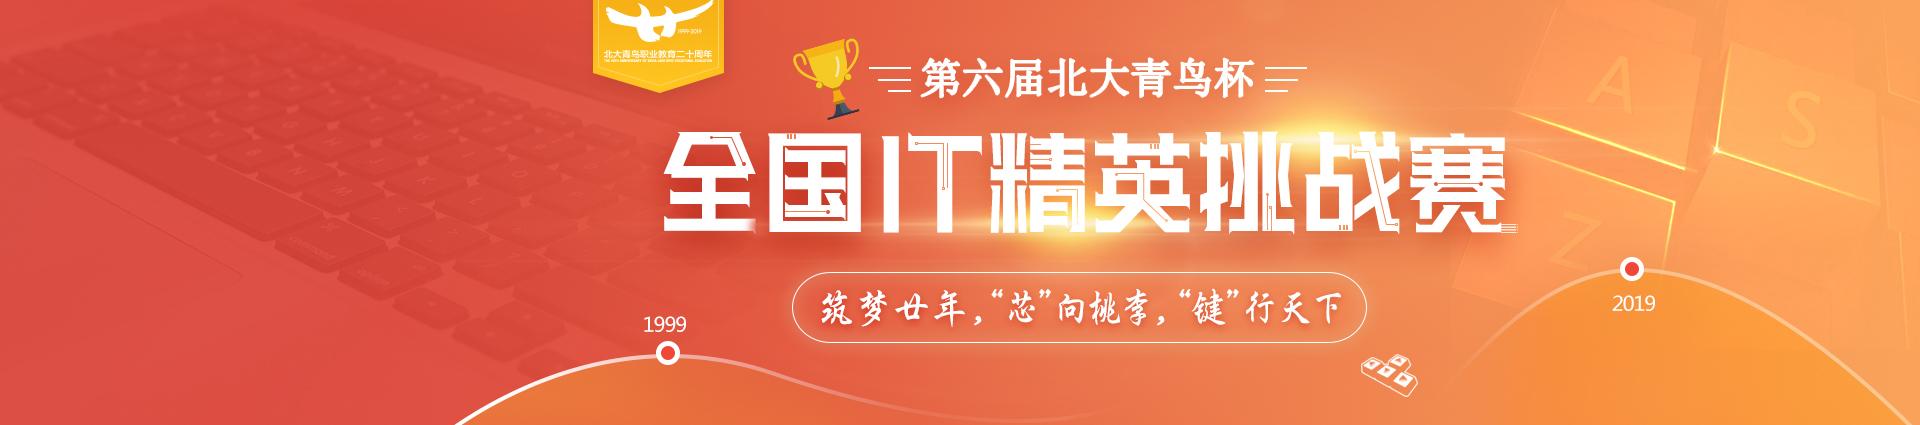 """第六届""""北大青鸟杯""""全国IT精英挑战赛"""